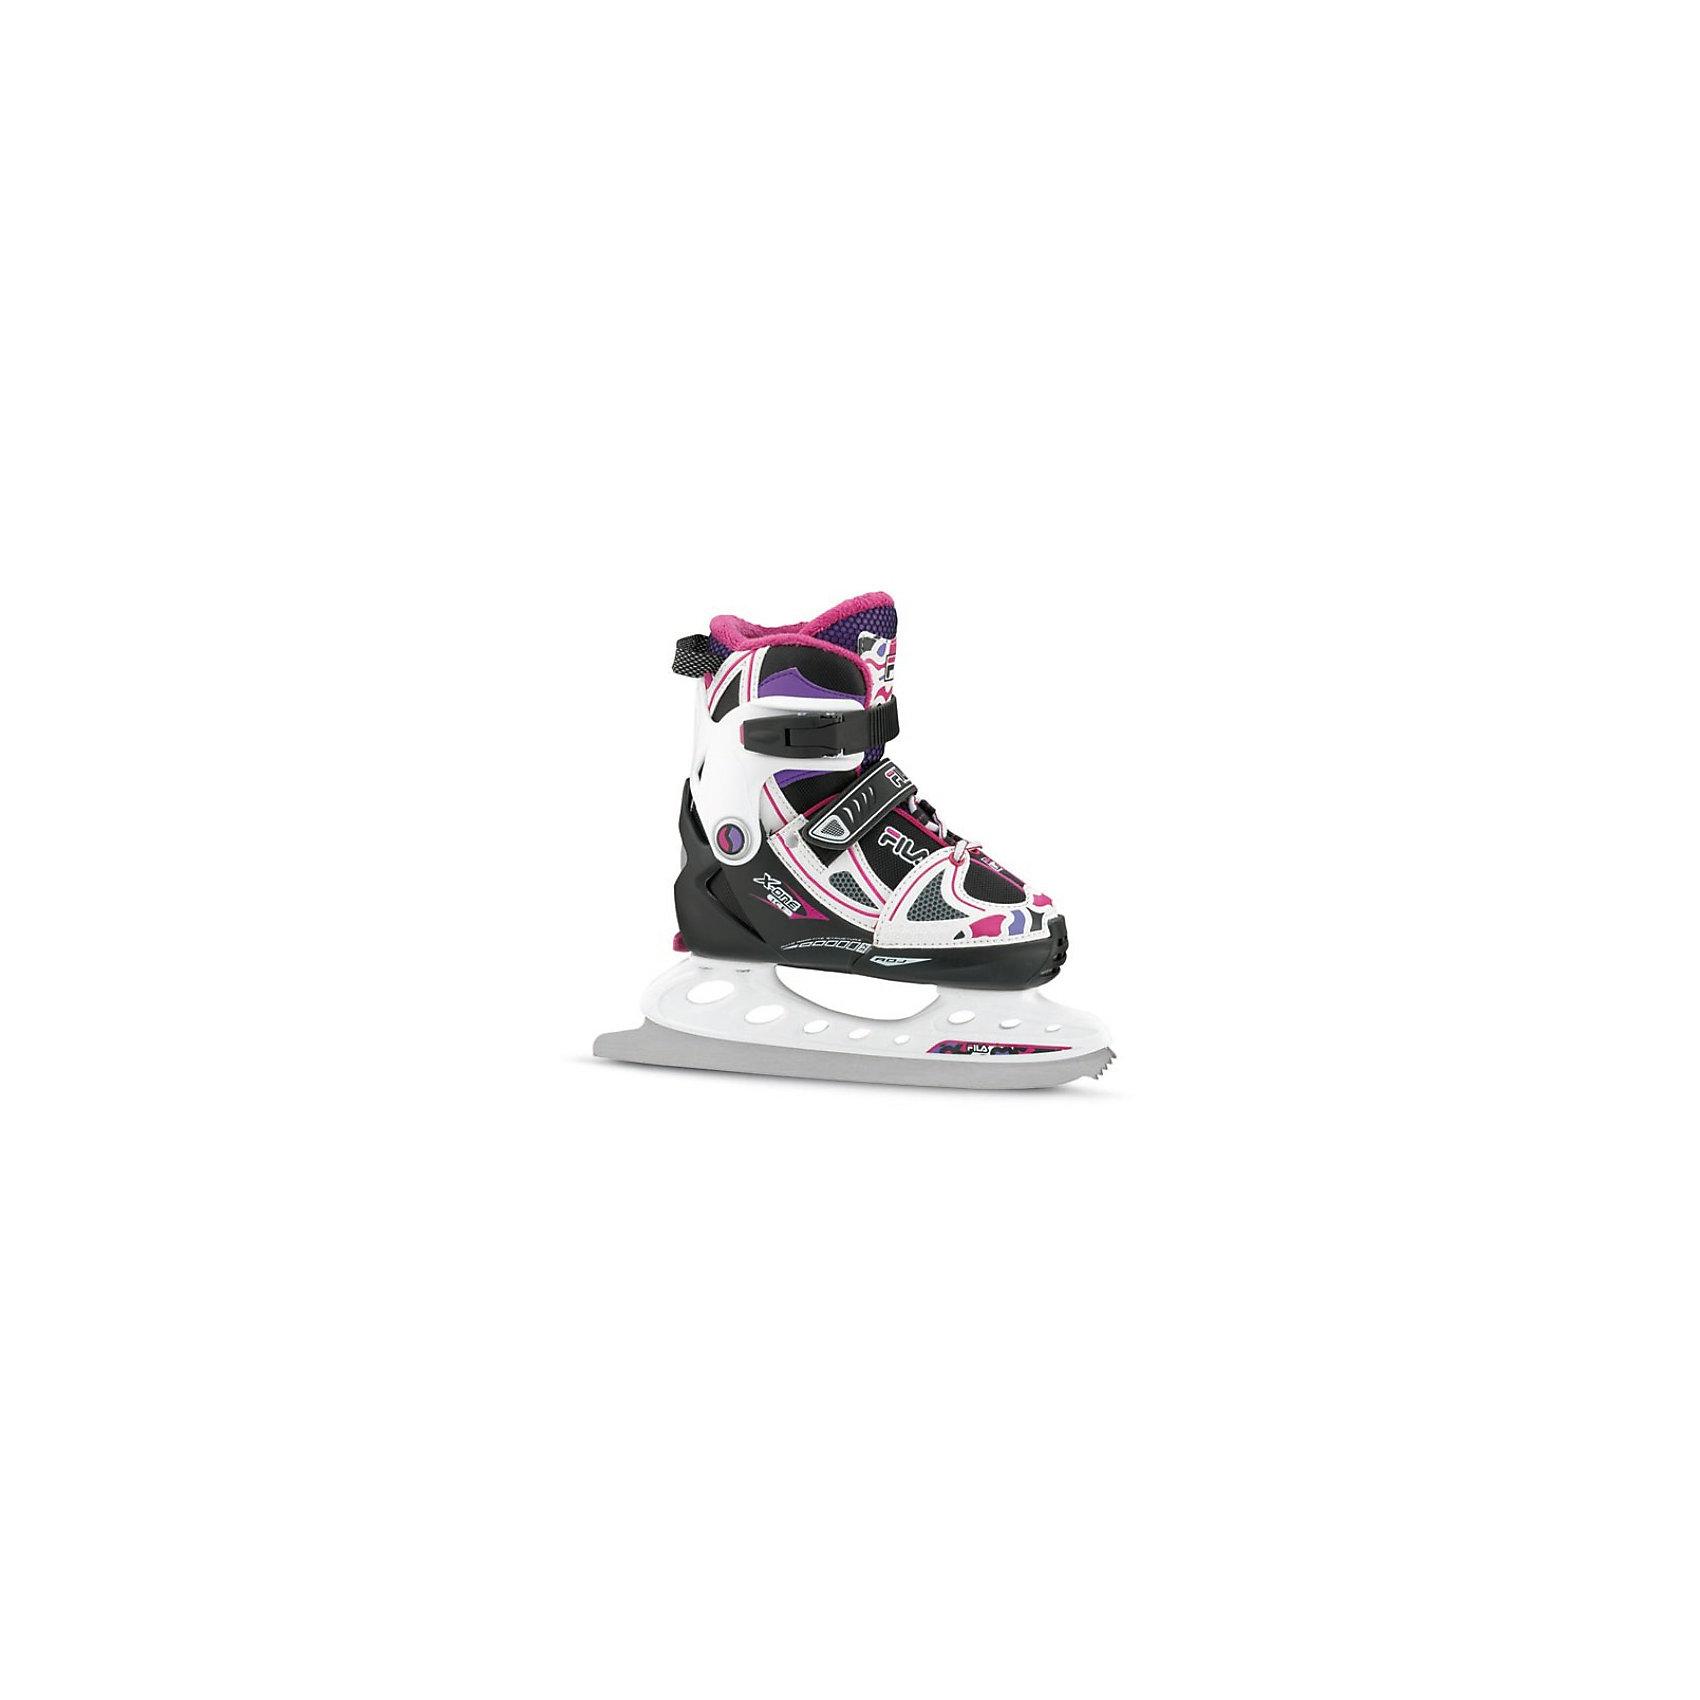 Ледовые коньки X-One Ice G, чёрный/ розовый, FILA